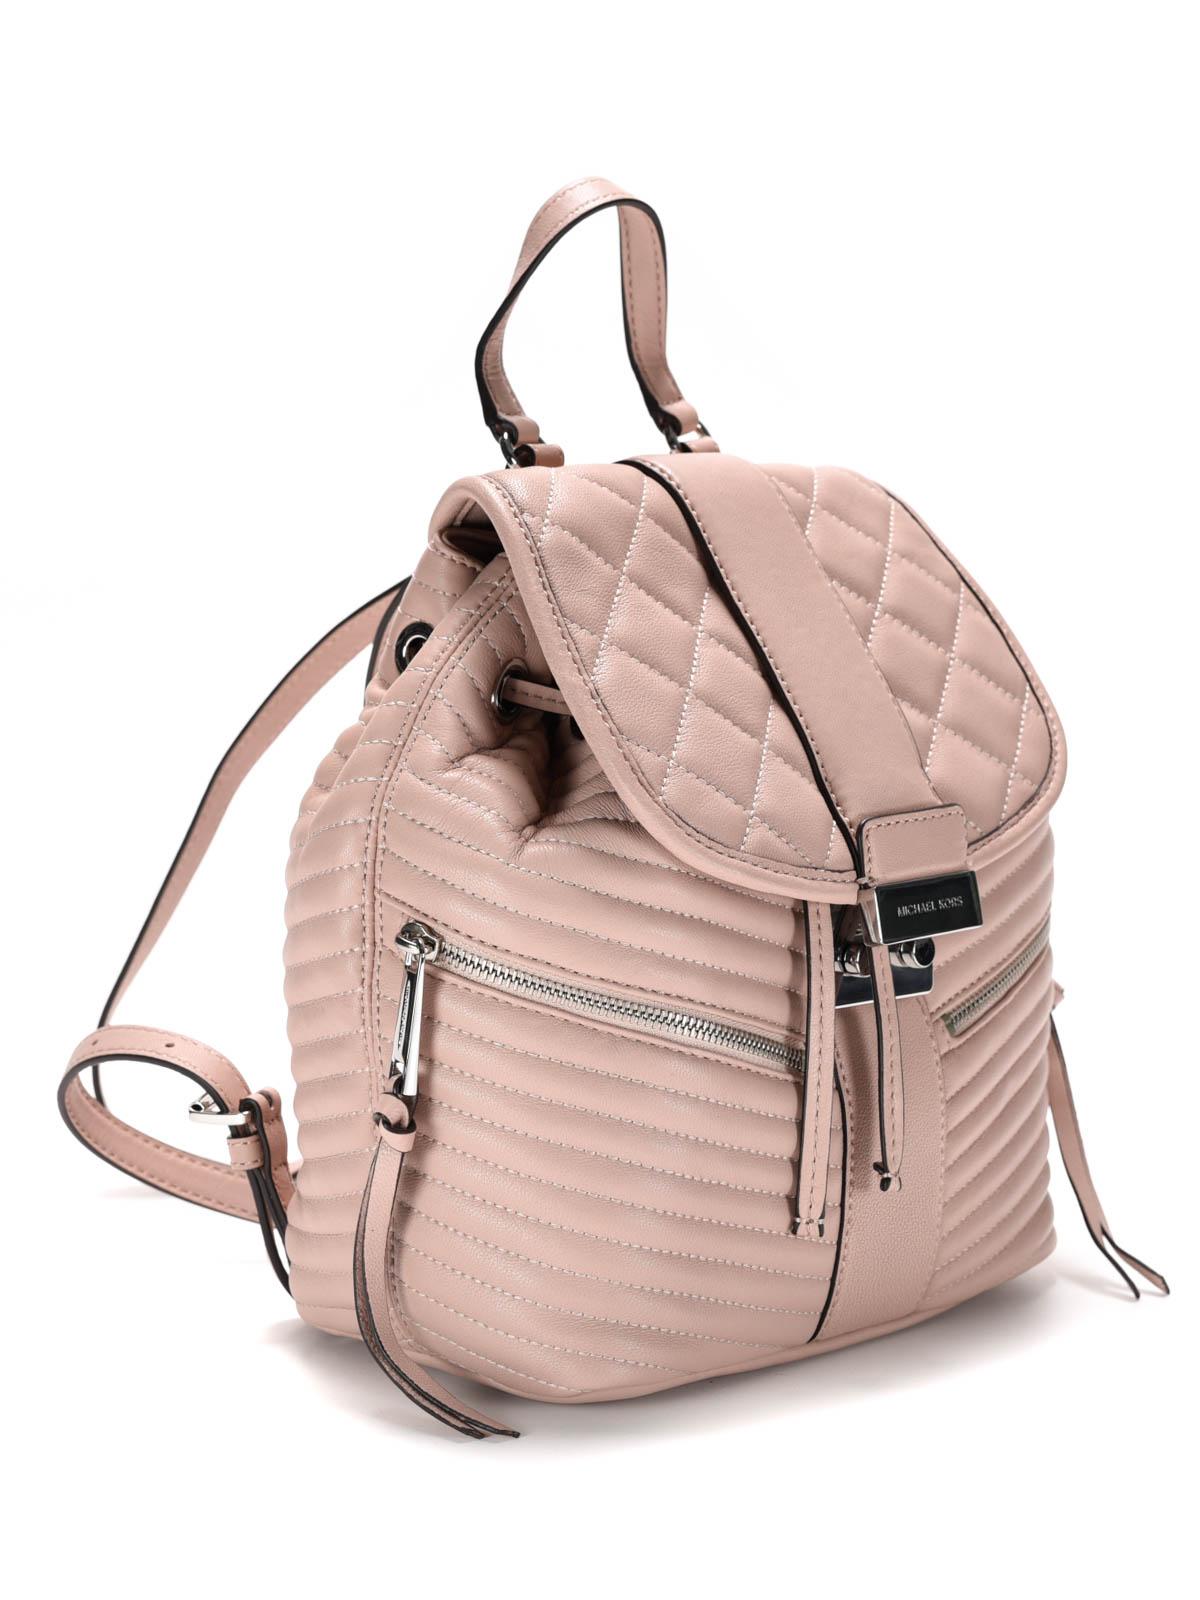 elisa quilted leather backpack by michael kors backpacks ikrix. Black Bedroom Furniture Sets. Home Design Ideas